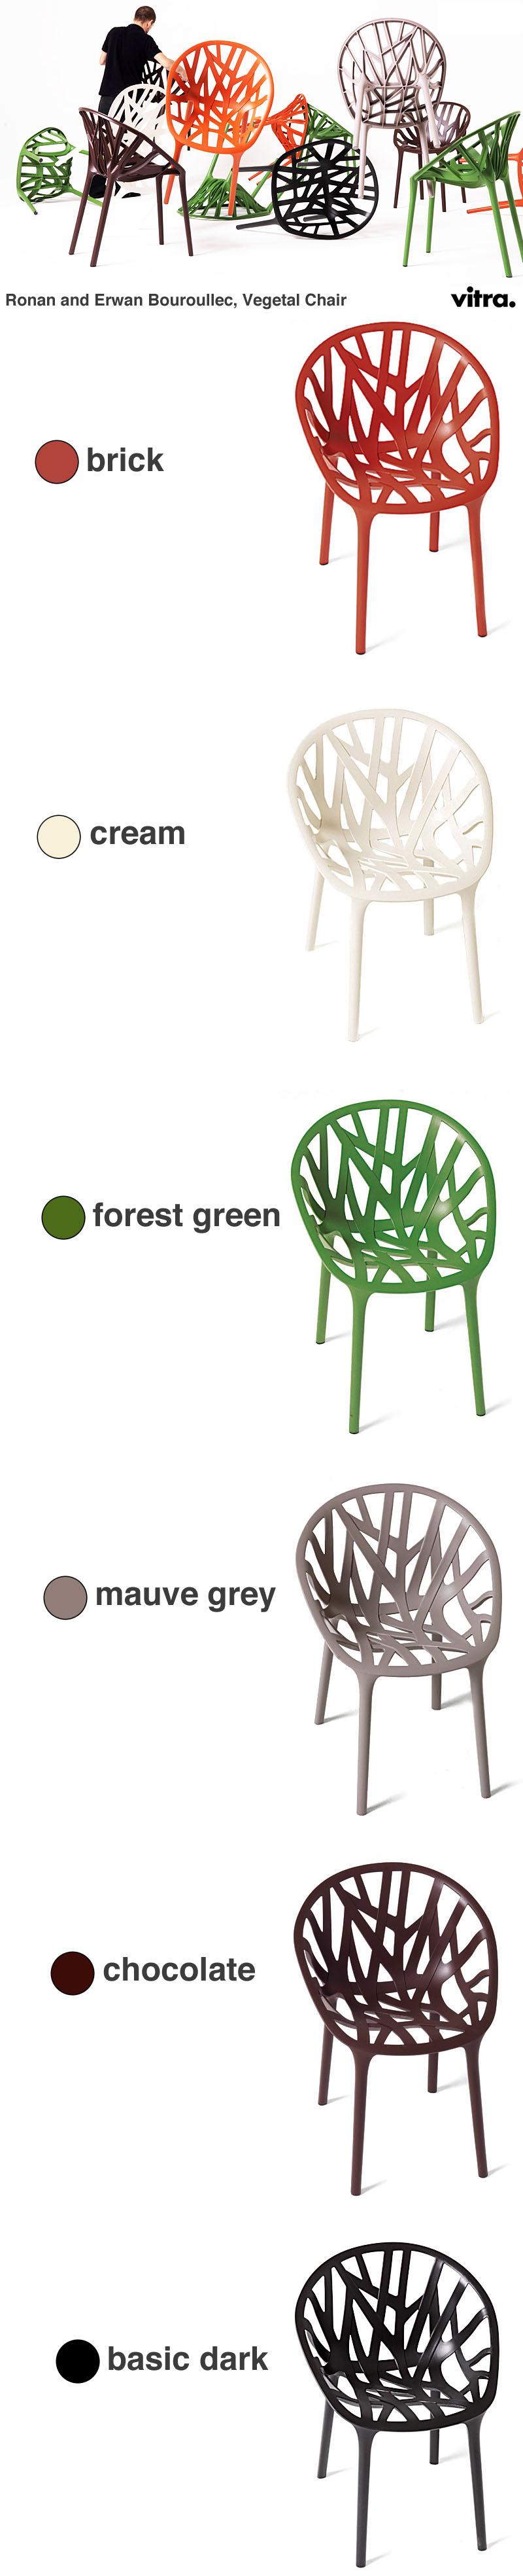 ronan erwan bouroullec vegetal chair indoor outdoor. Black Bedroom Furniture Sets. Home Design Ideas